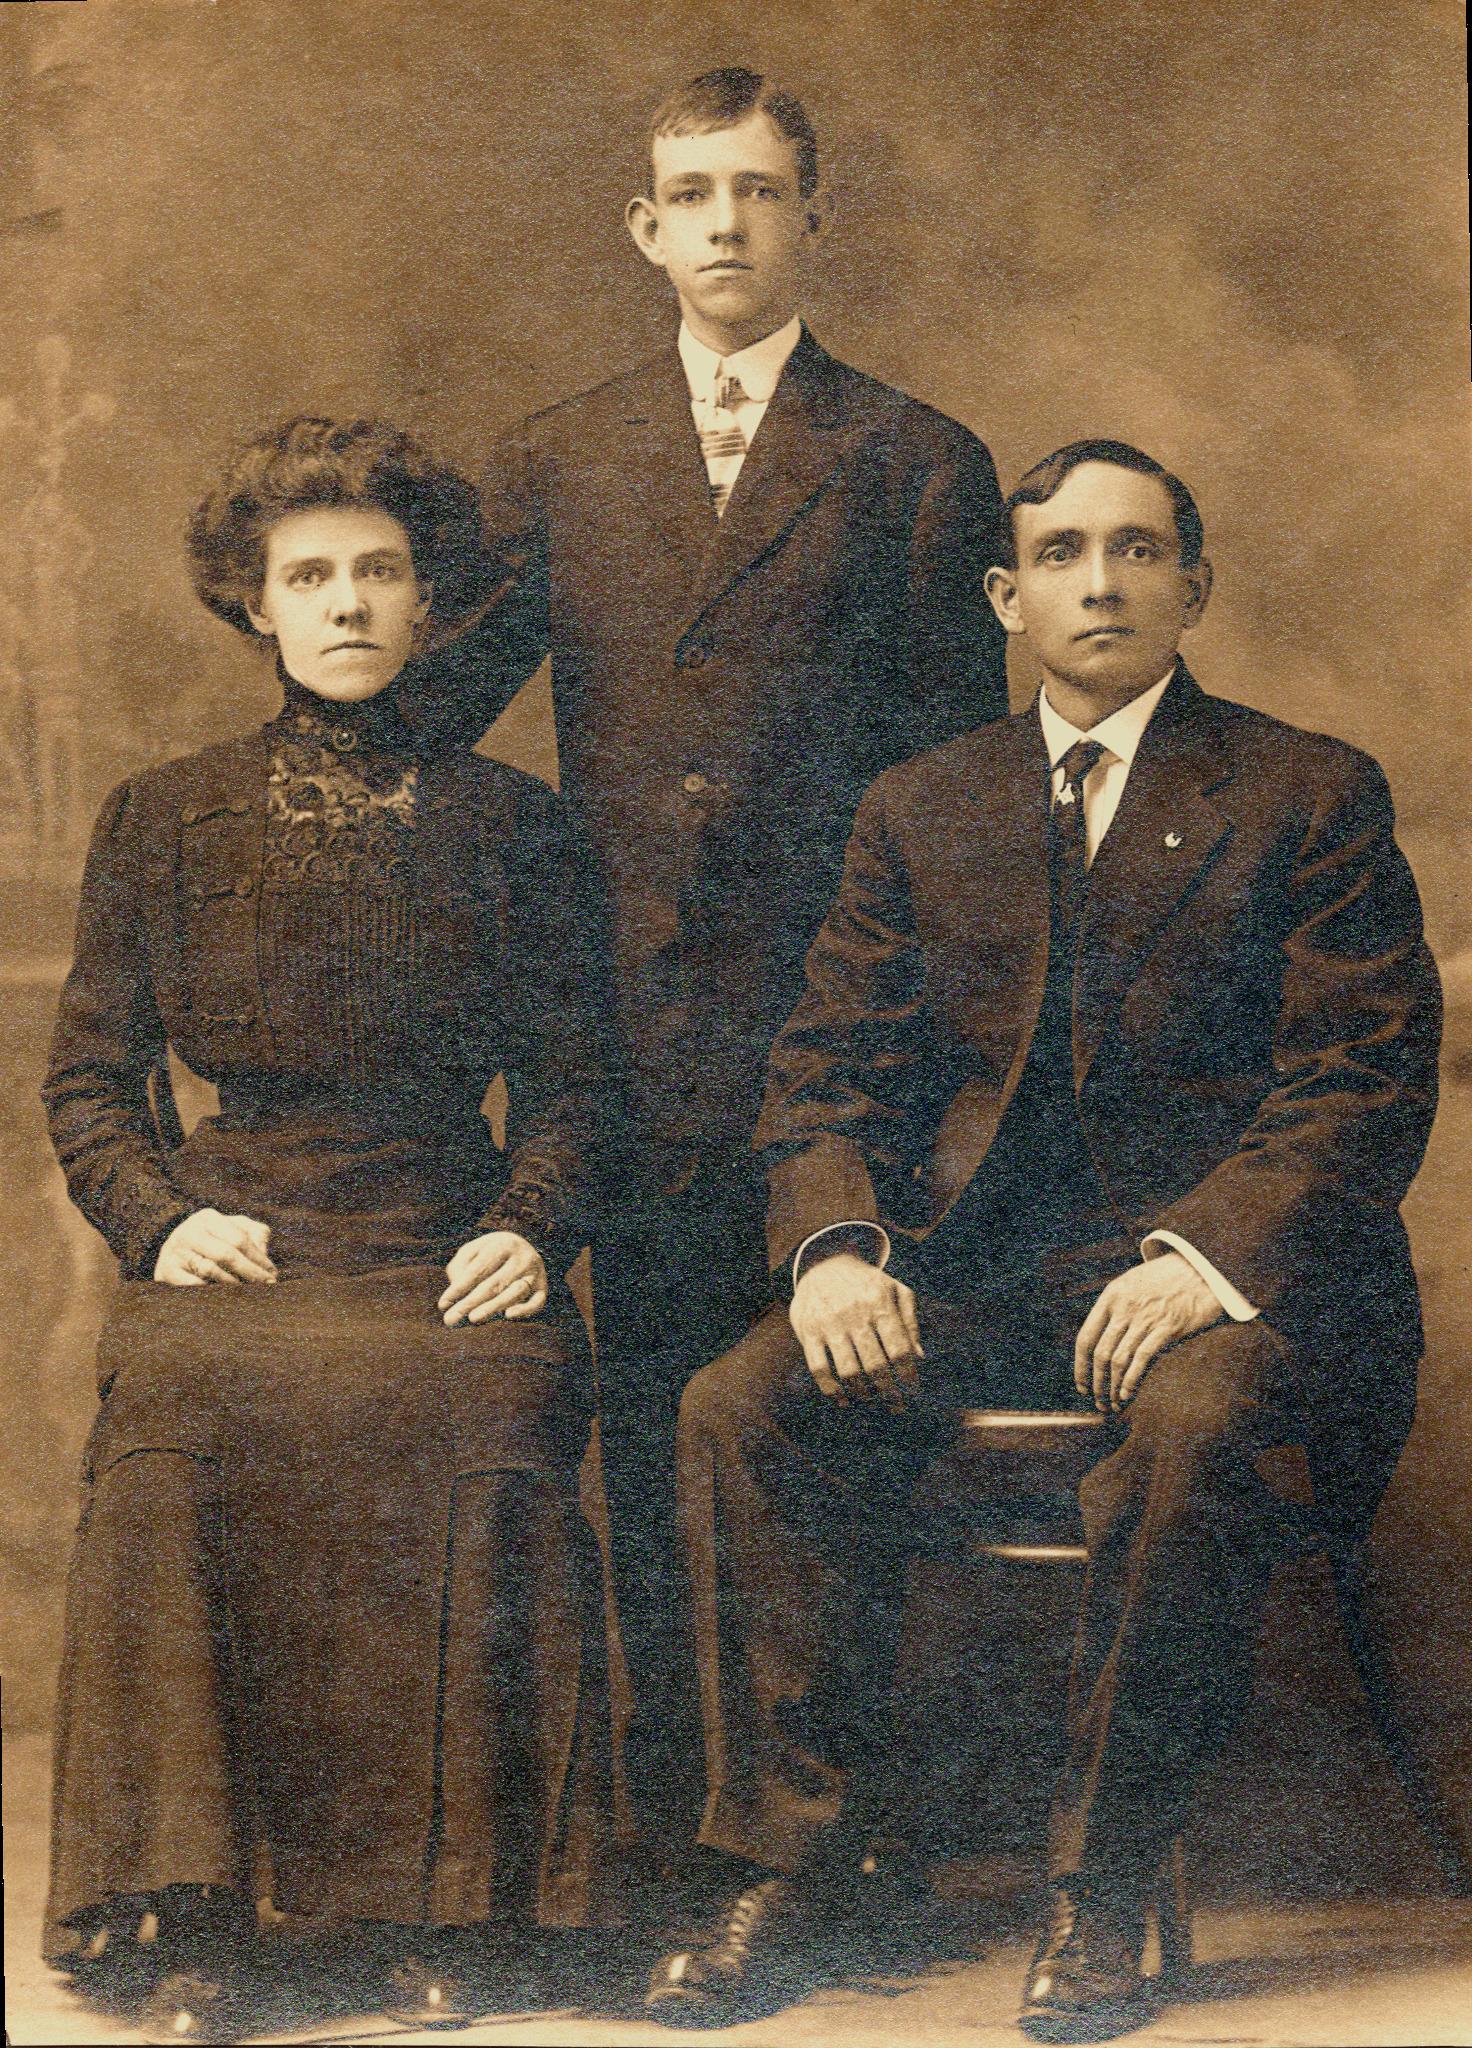 Jane, Harold & Henry Phillips